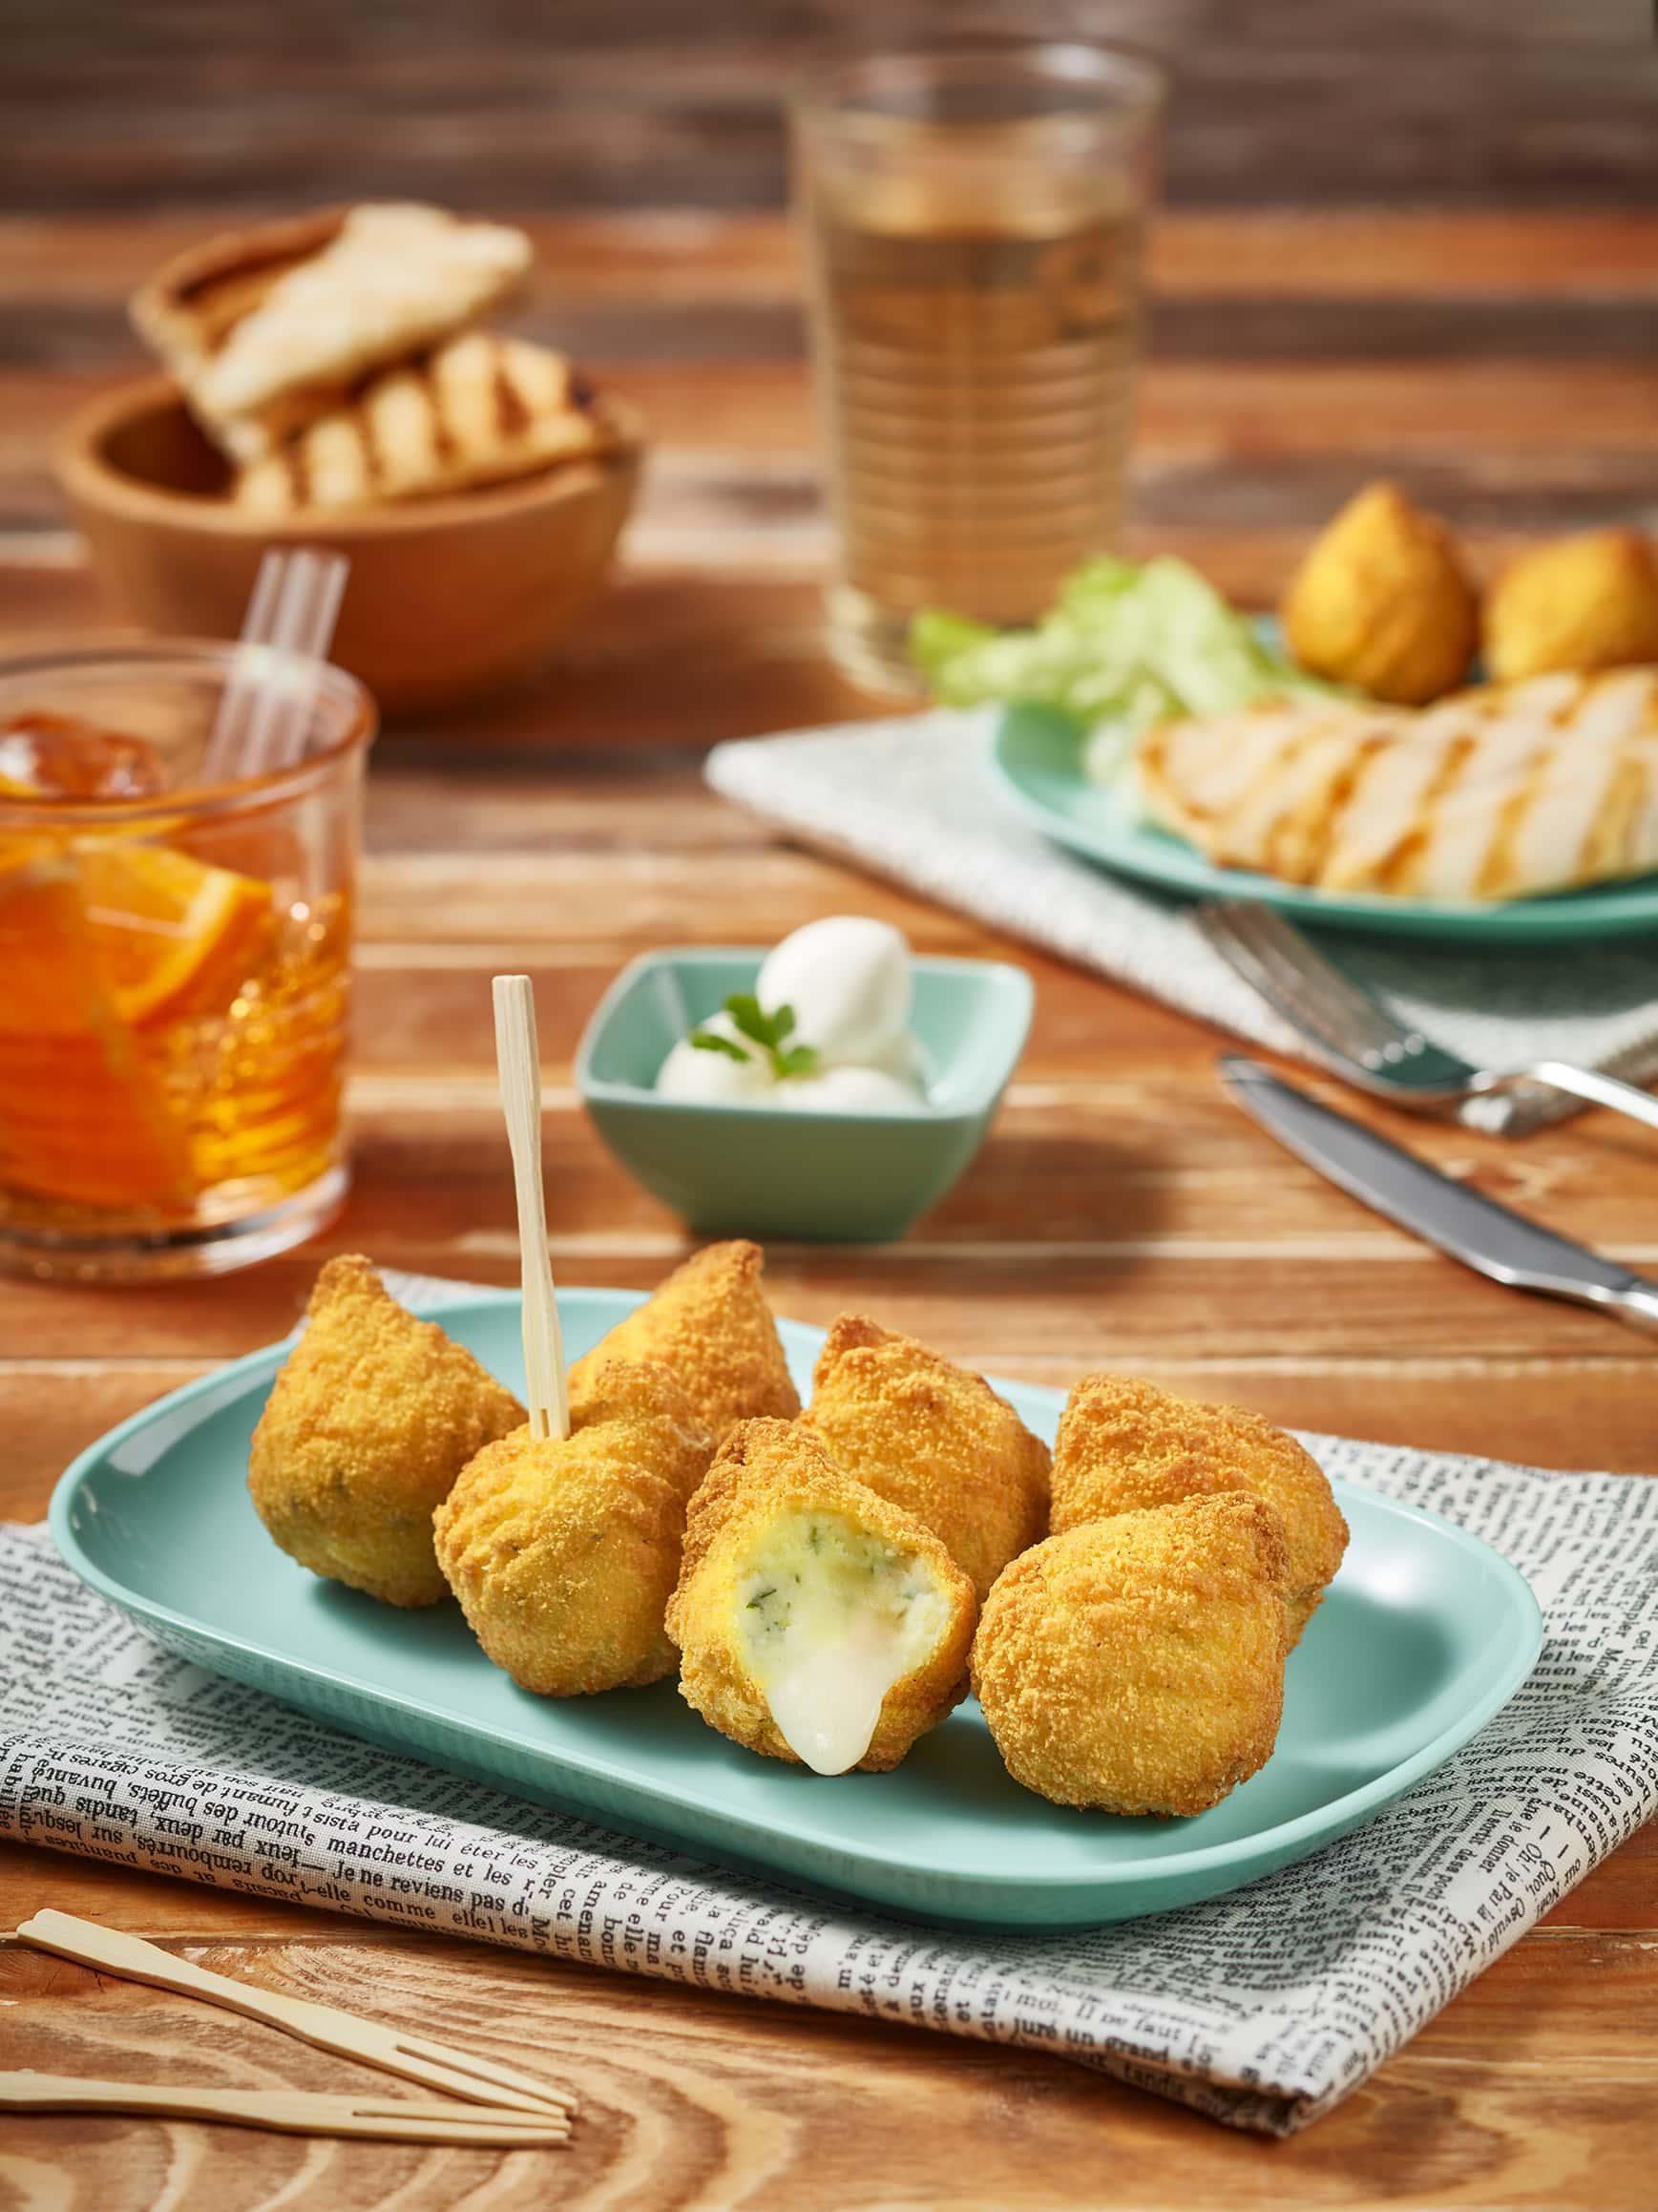 fotografo food crocchette patate con mozzarella street food trieste napoli roma milano modena monza advertising commerciale